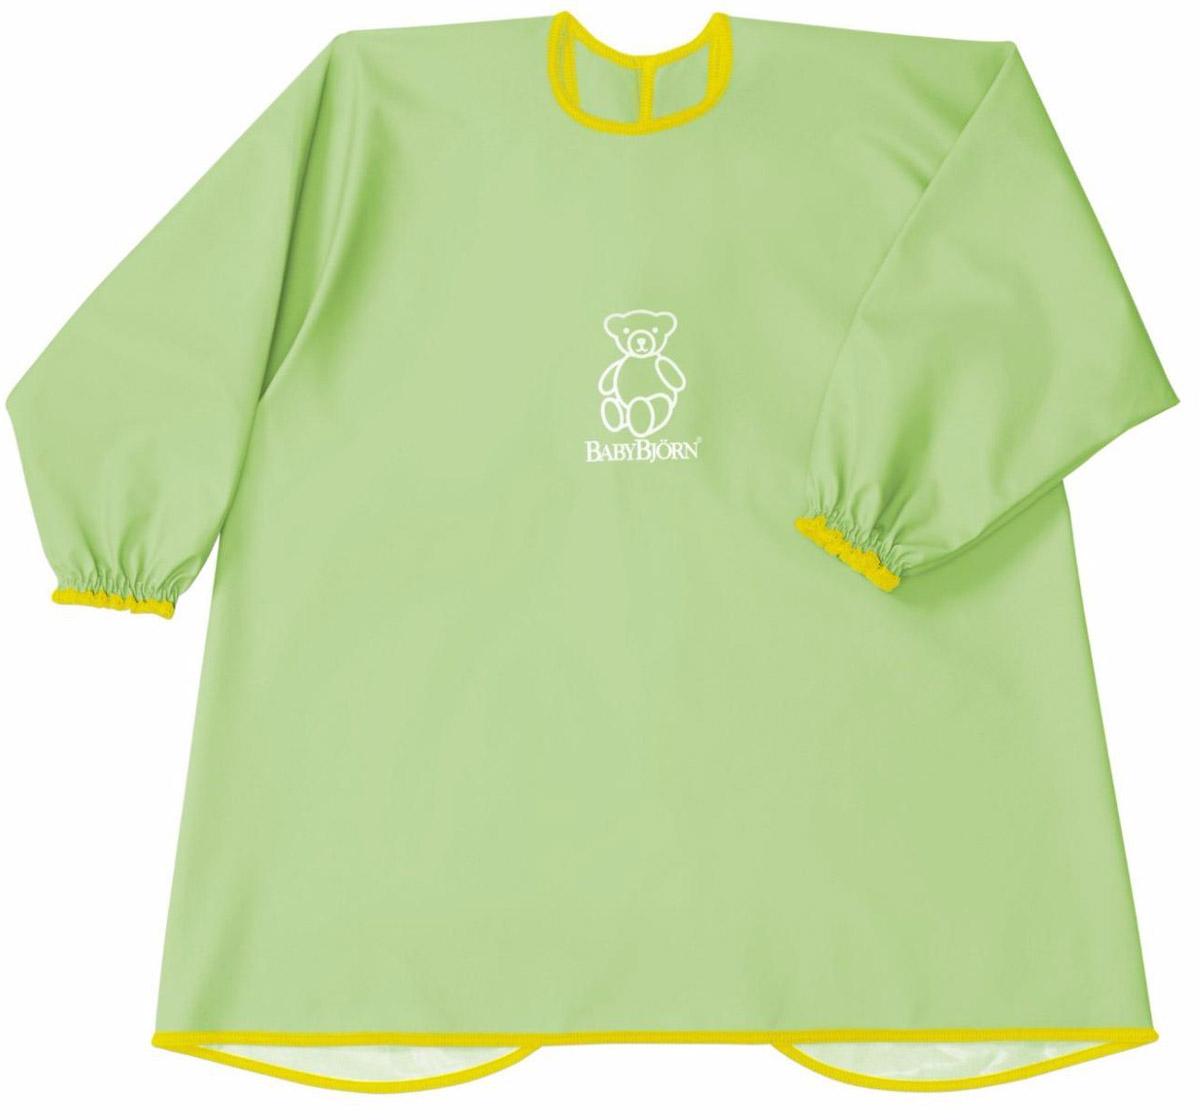 """Мягкая и практичная рубашка """"BabyBjorn"""" надежно защитит одежду вашего ребенка во время кормления или занятия творчеством. С удобными застежками-кнопками на спине и мягкими, эластичными манжетами, рубашка защищает одежду малыша сзади и спереди от воды, еды, красок и всего того, что можно пролить или от того, чем можно испачкаться. Допускается машинная стирка."""